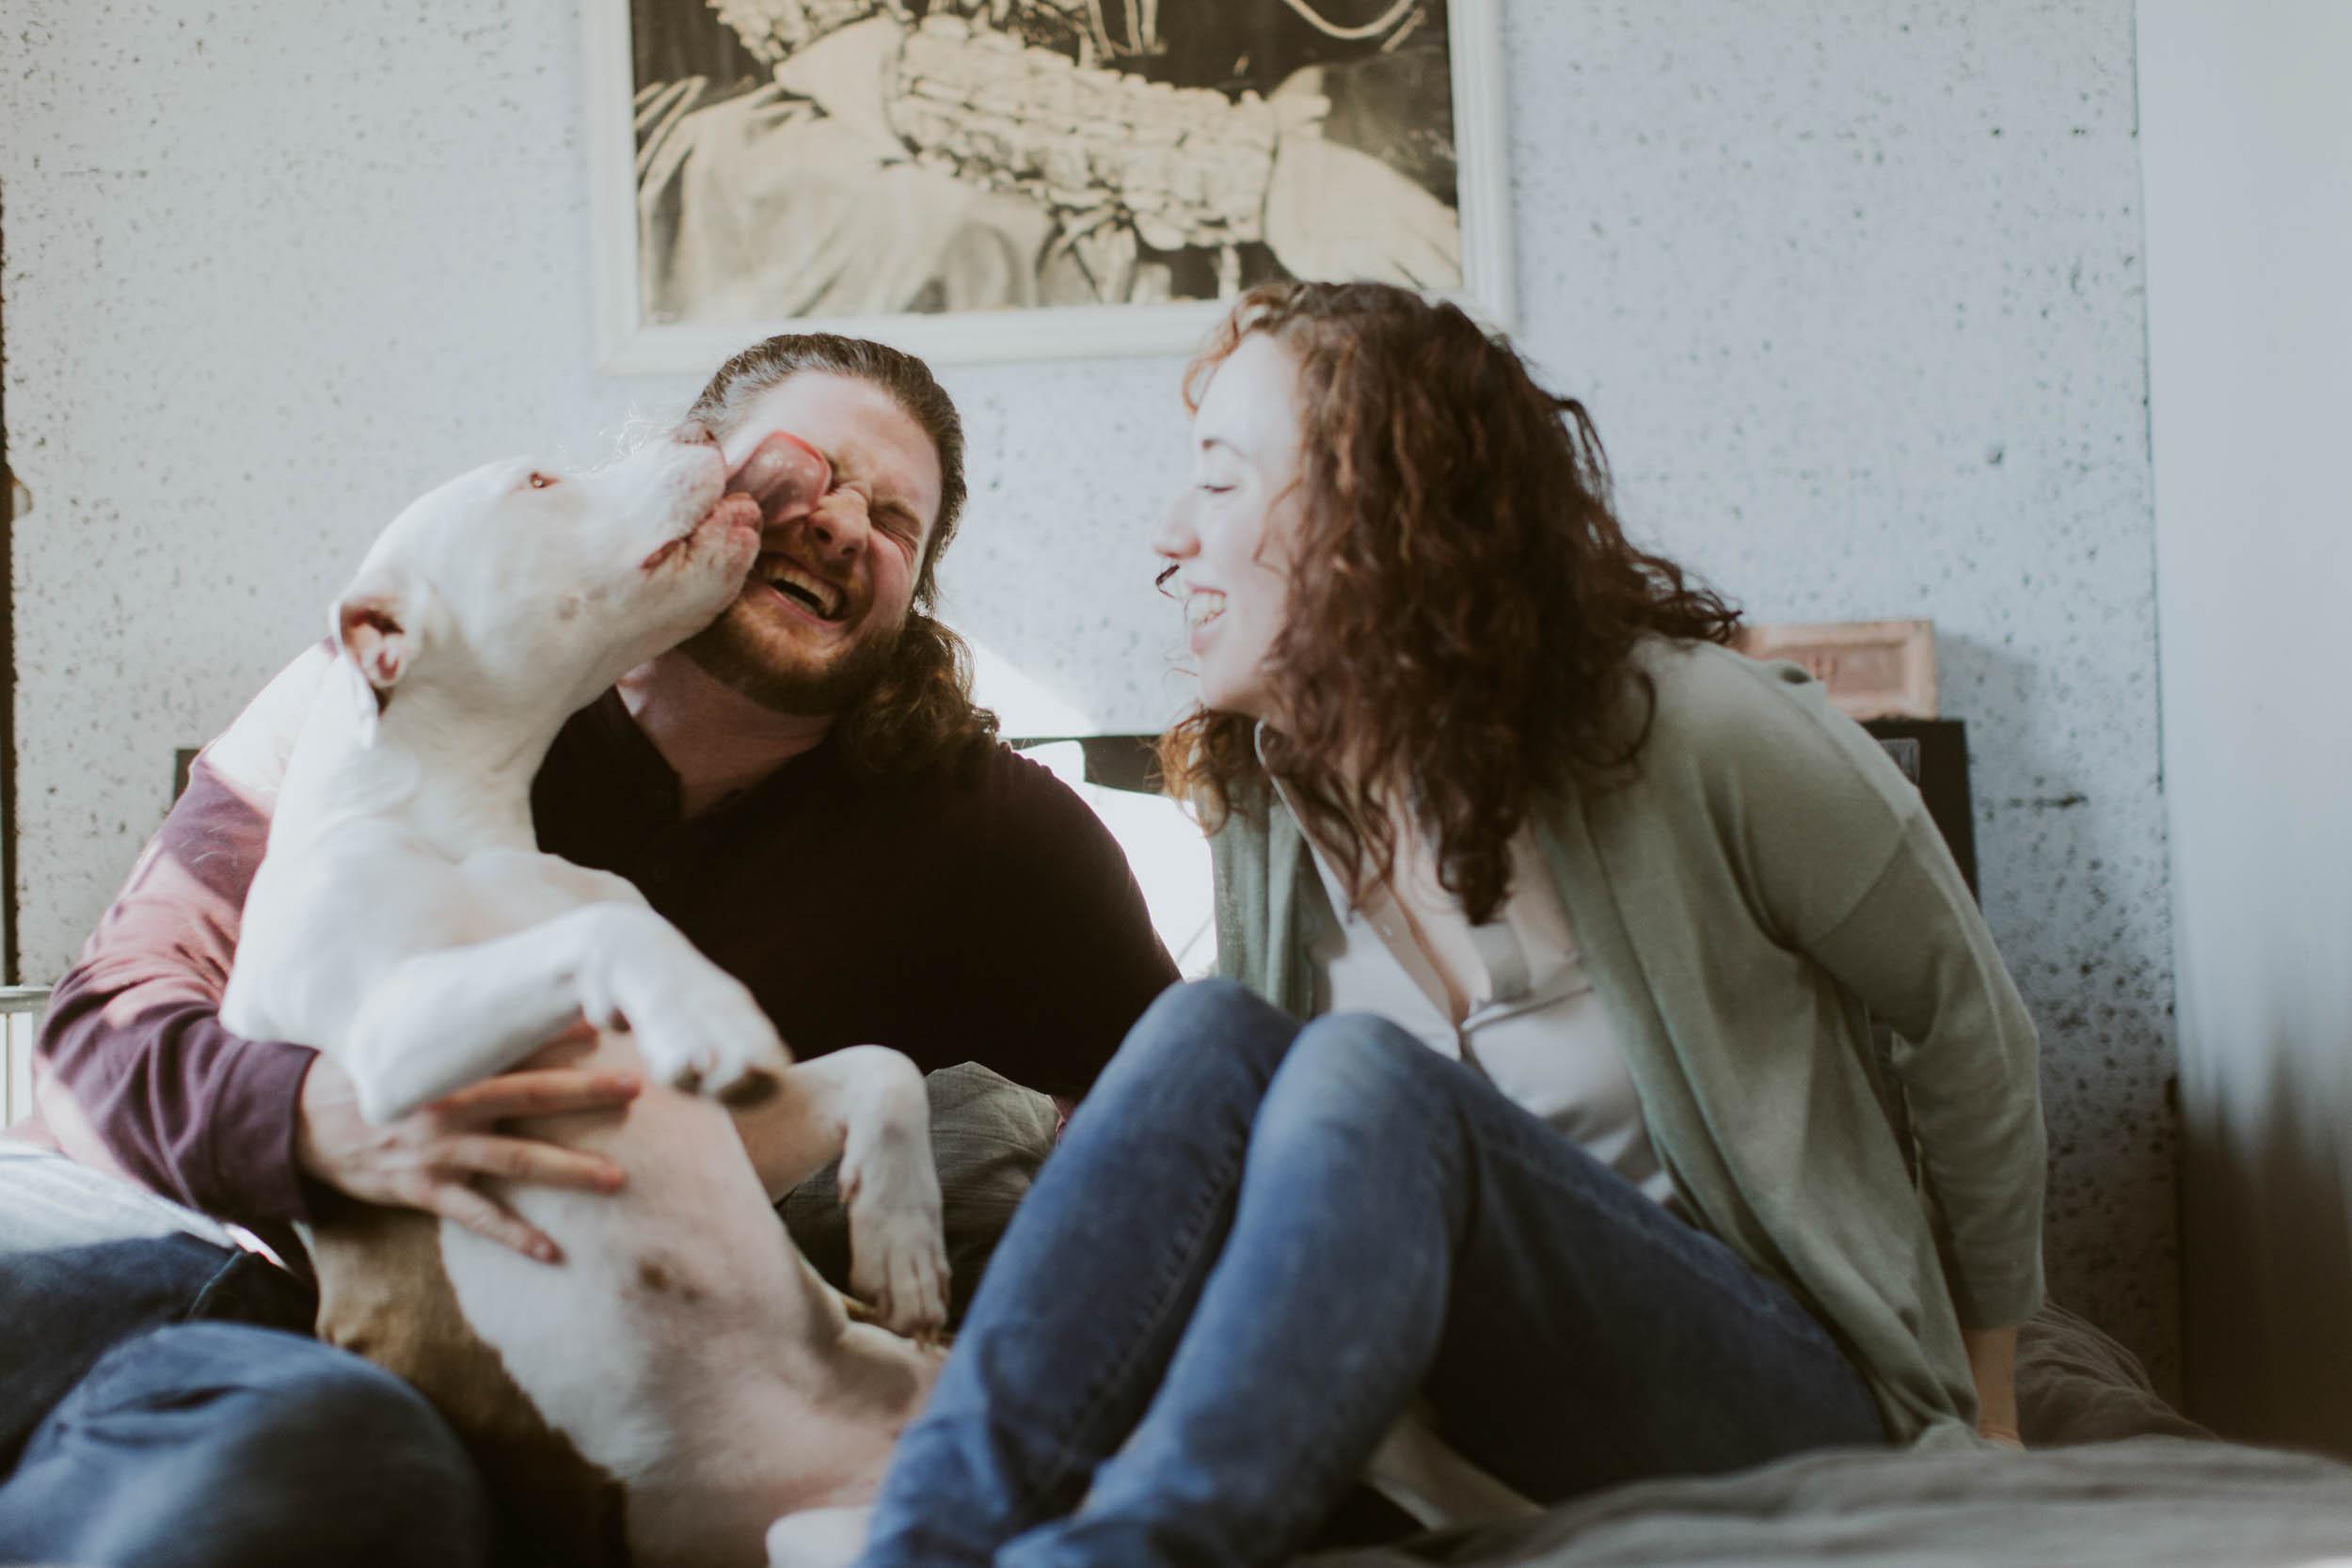 Kristen-Humbert-Family-Photoshoot-Philadelphia_Ruby-James-W-2-7.jpg